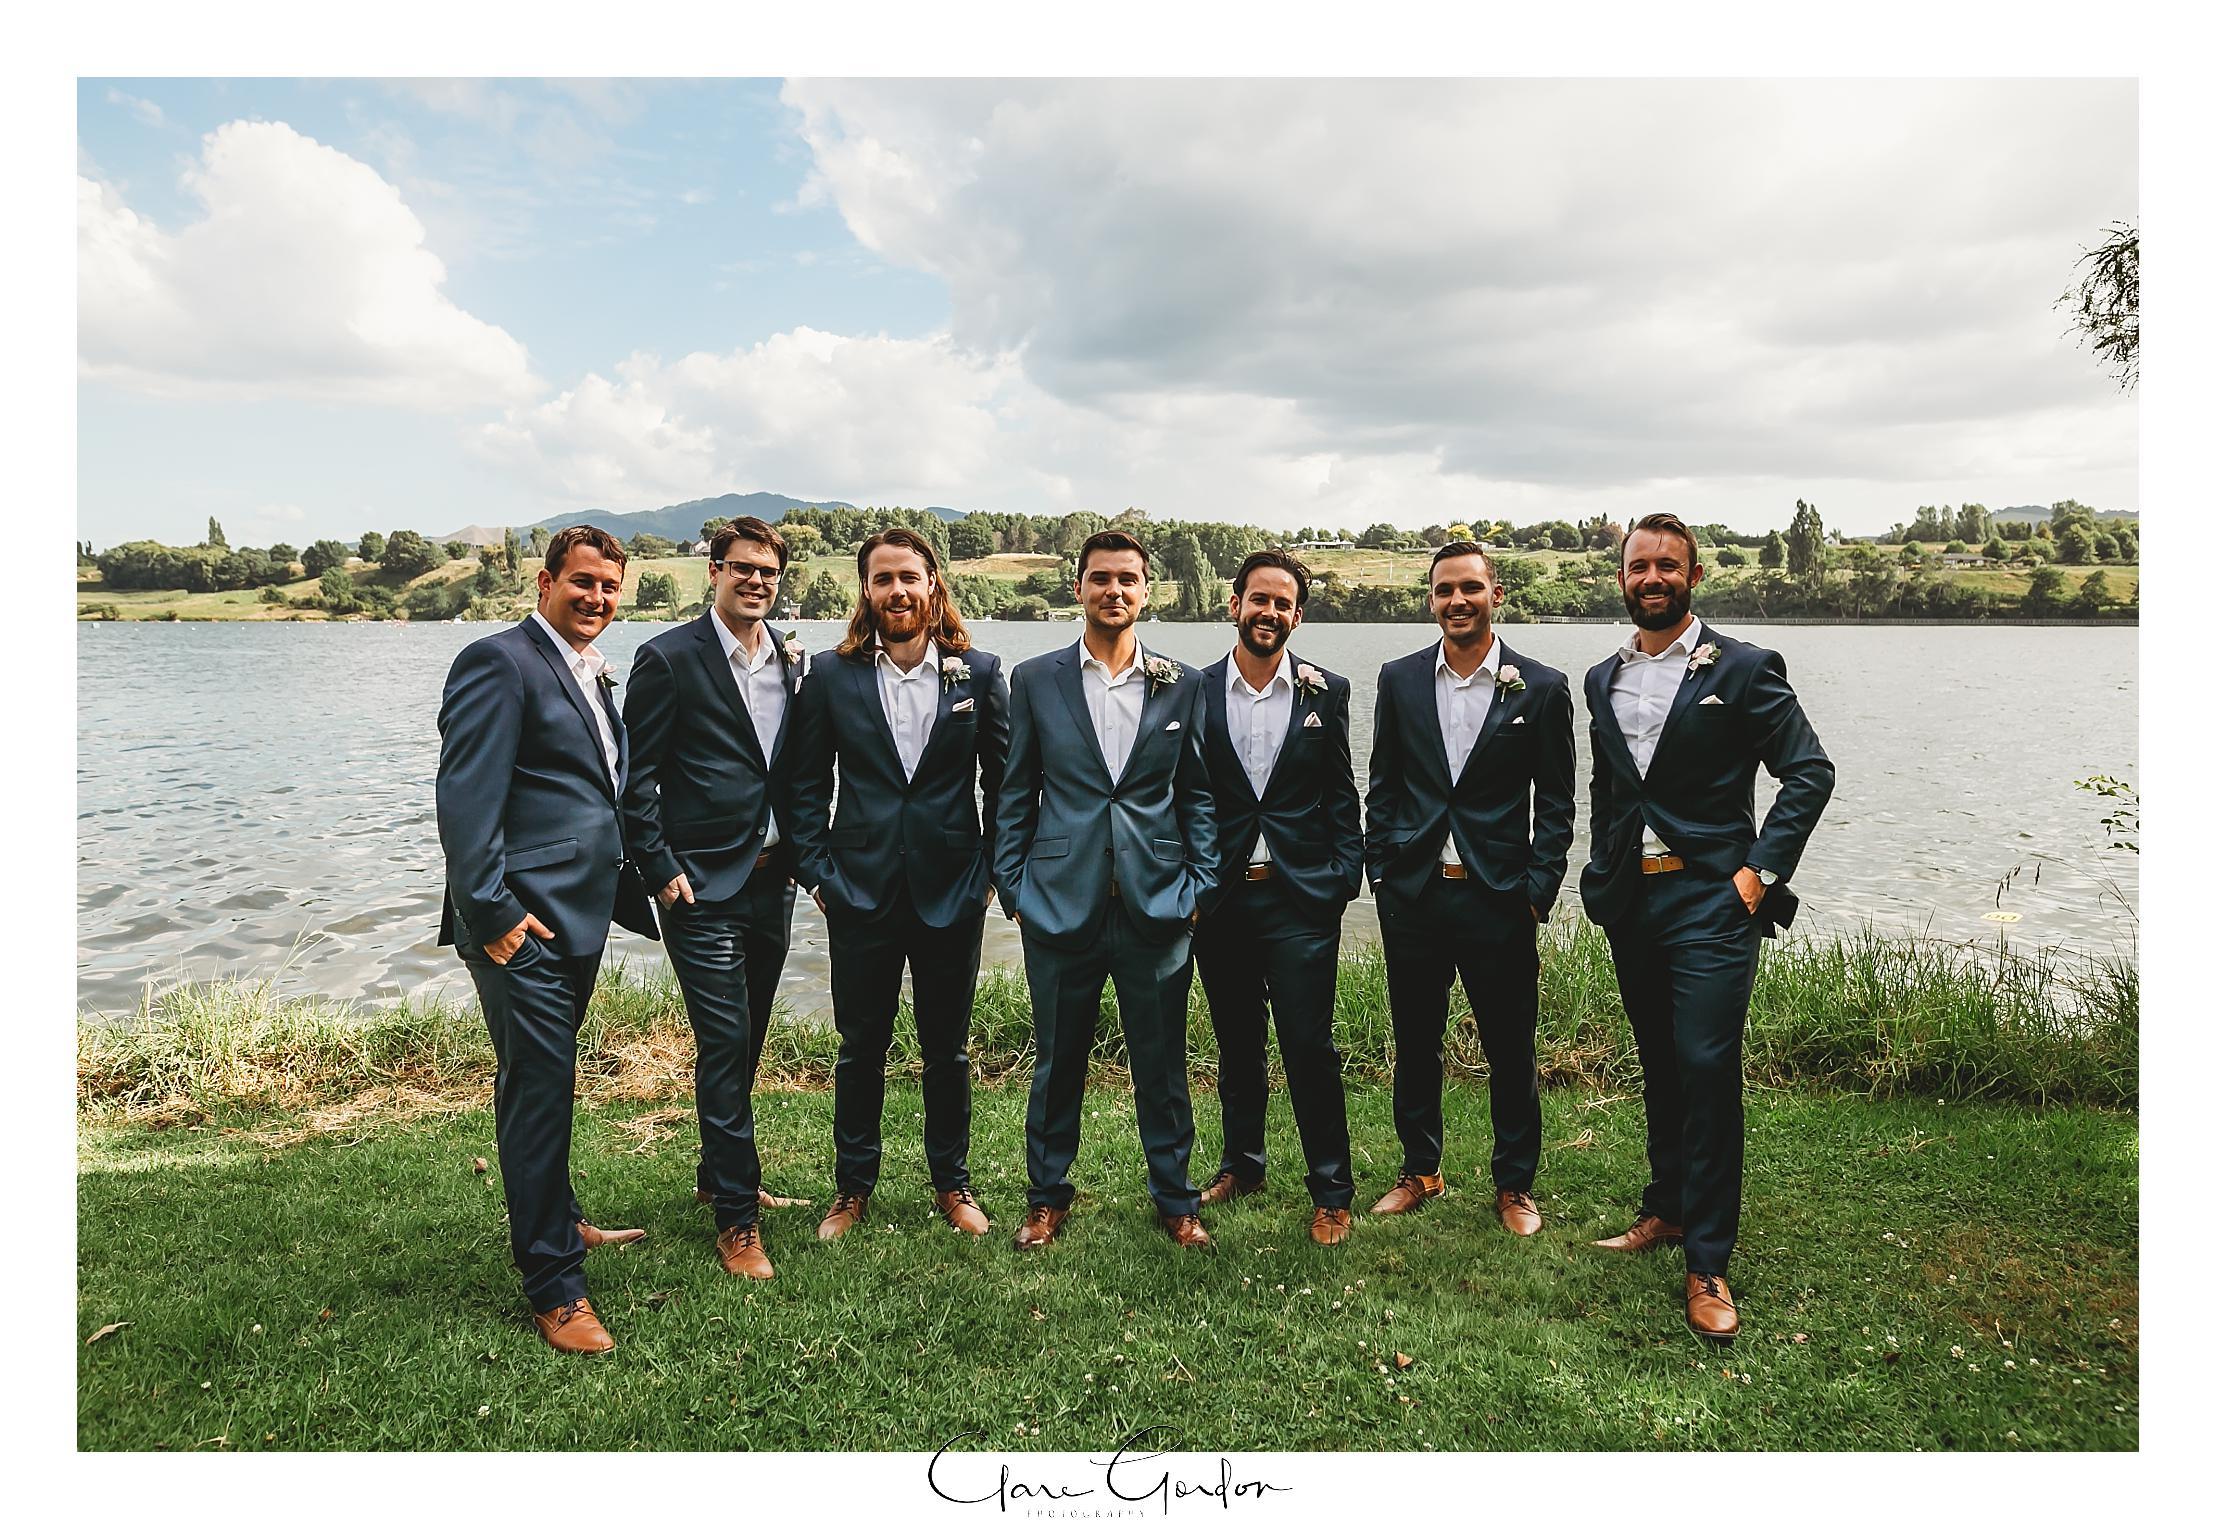 Groomsmen-photo-lake-karapiro